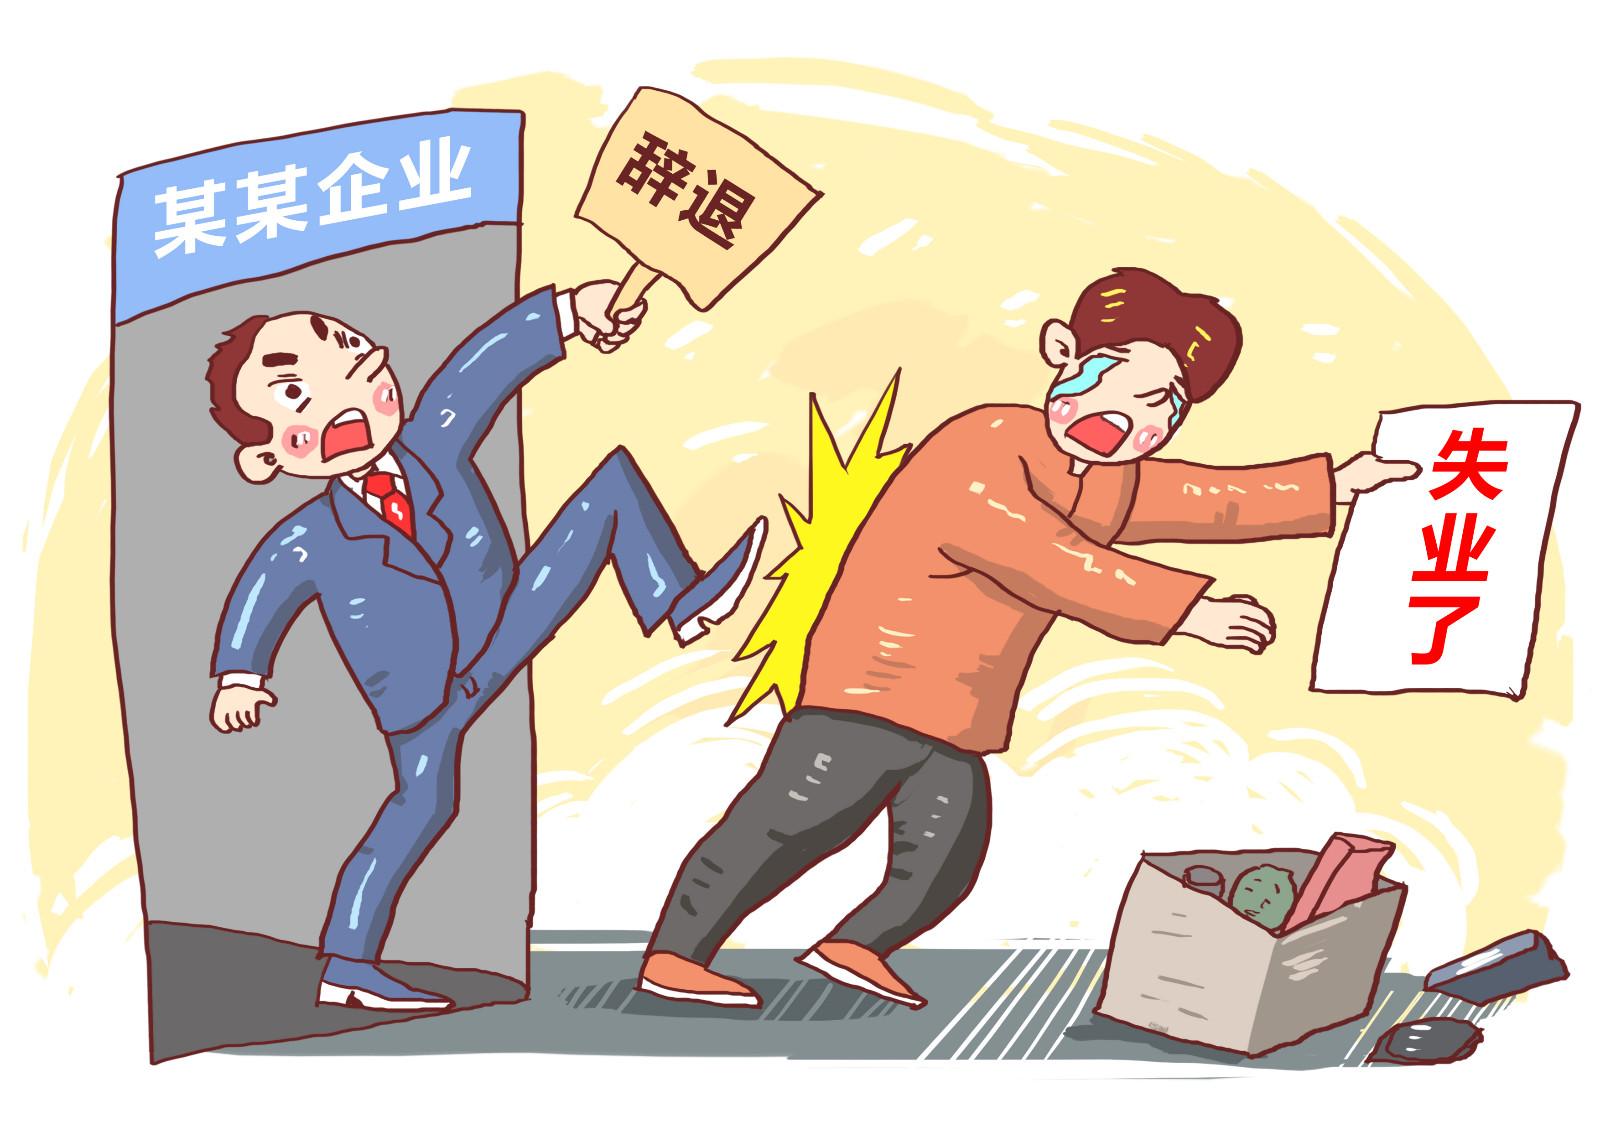 【每日一问】男子请婚假3天被公司辞退,是公司不近人情还是他不遵守规定?